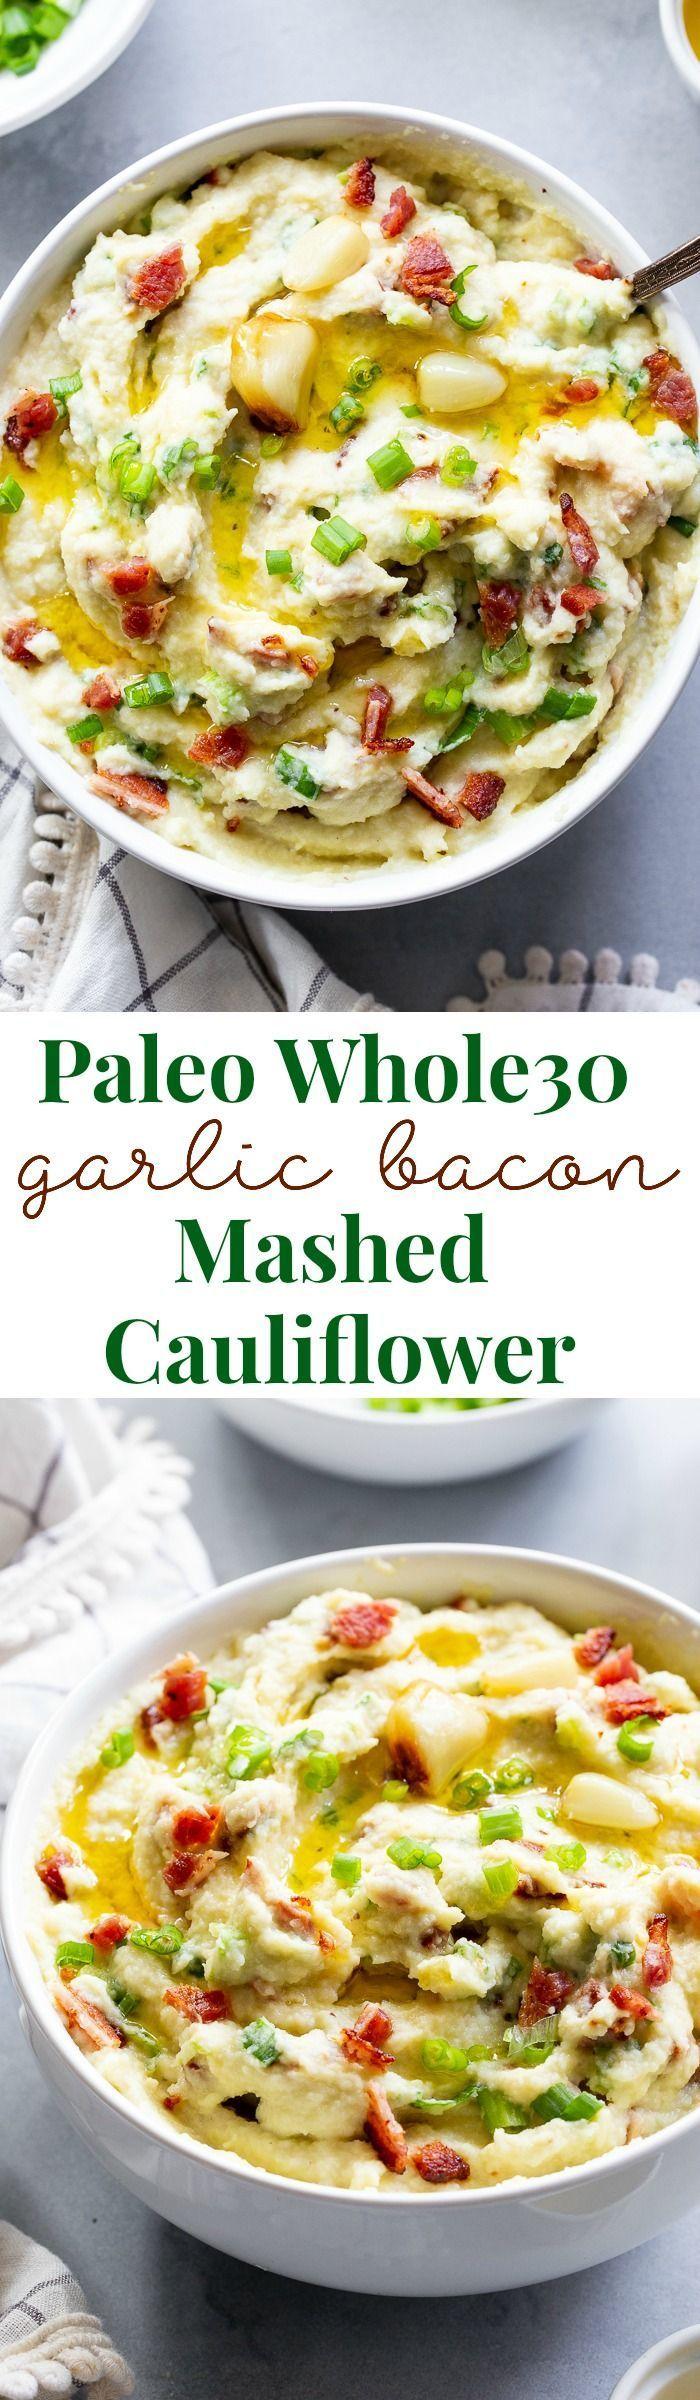 Roasted Garlic Mashed Cauliflower with Bacon {Paleo, Keto, Whole30} -